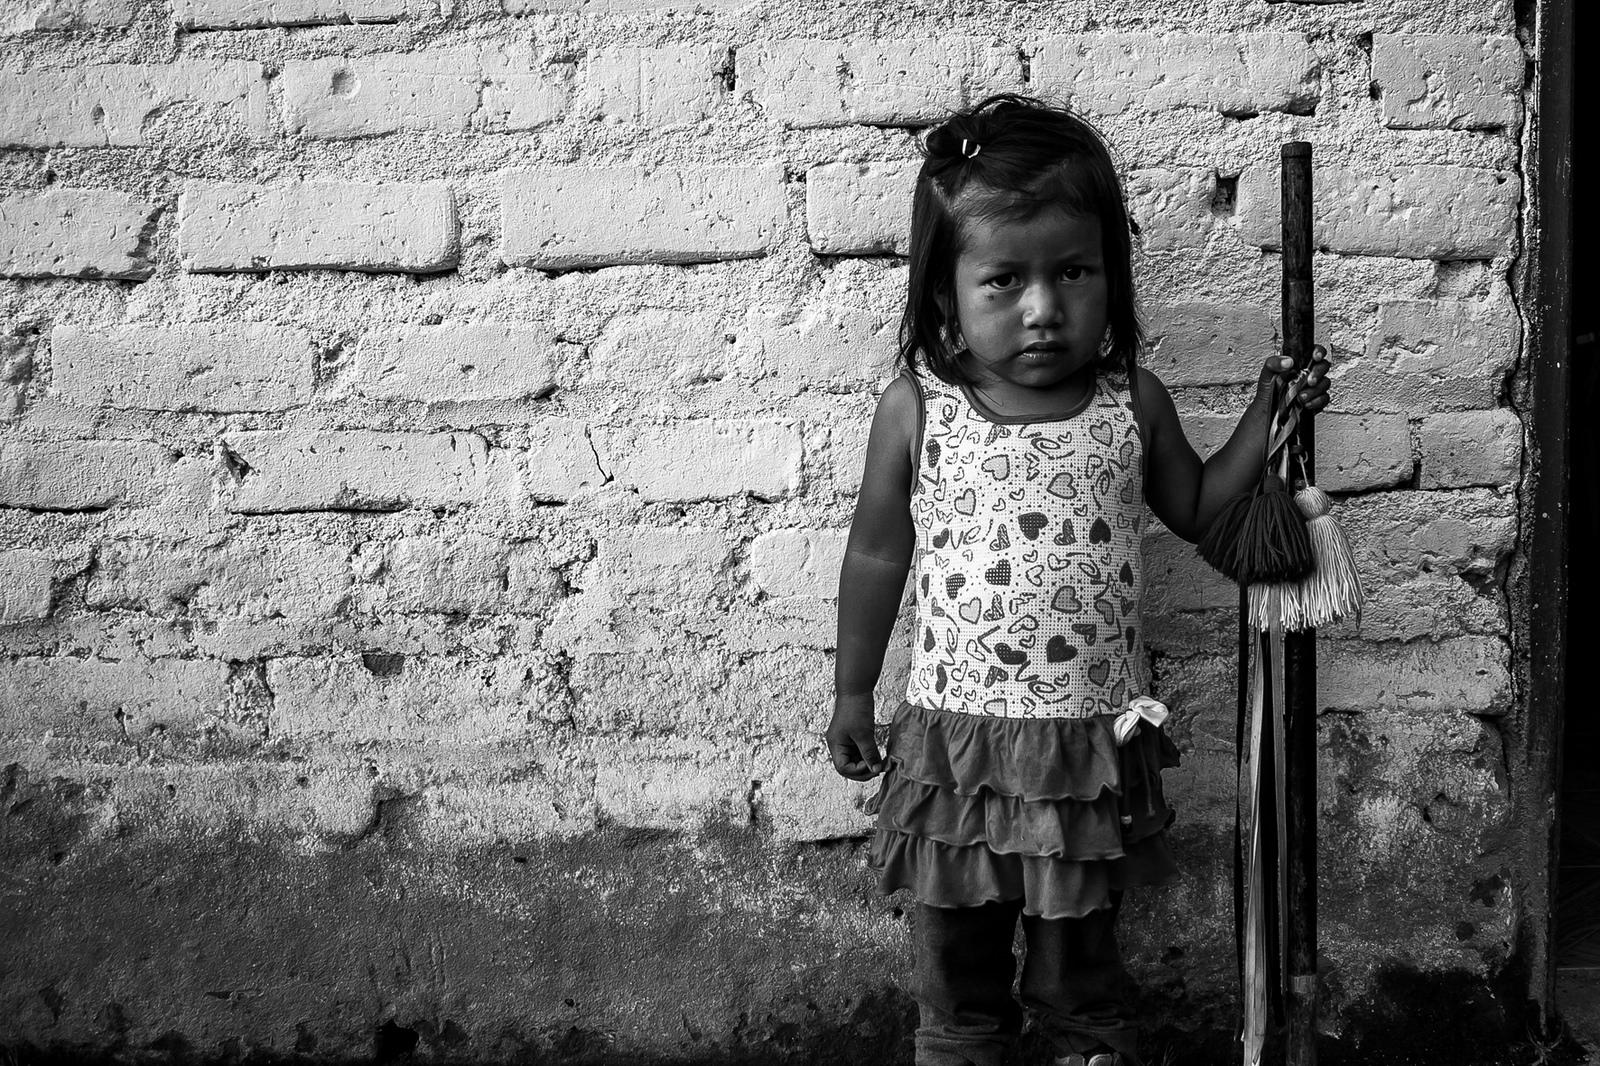 Una niña del municipio de Jambaló que carga el bastón de mando de su padre. Año 2015